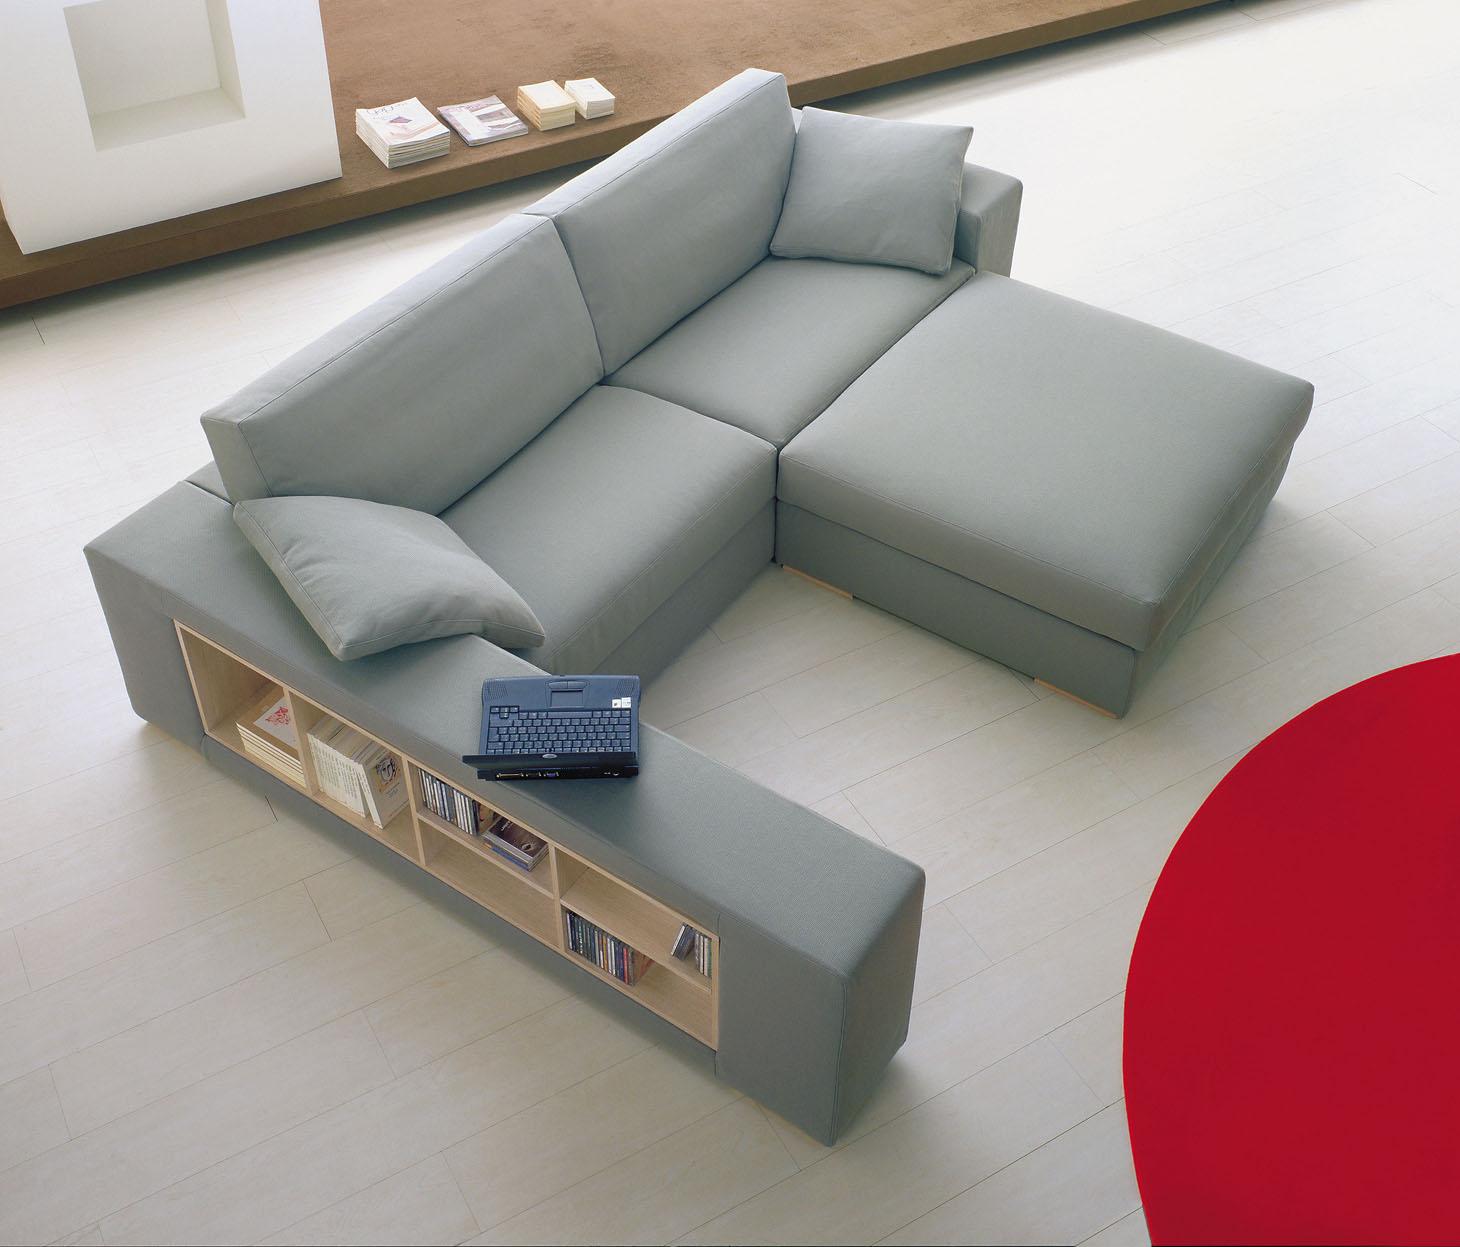 Divani e divani letto su misura acquistare un divano su for Divani un divani